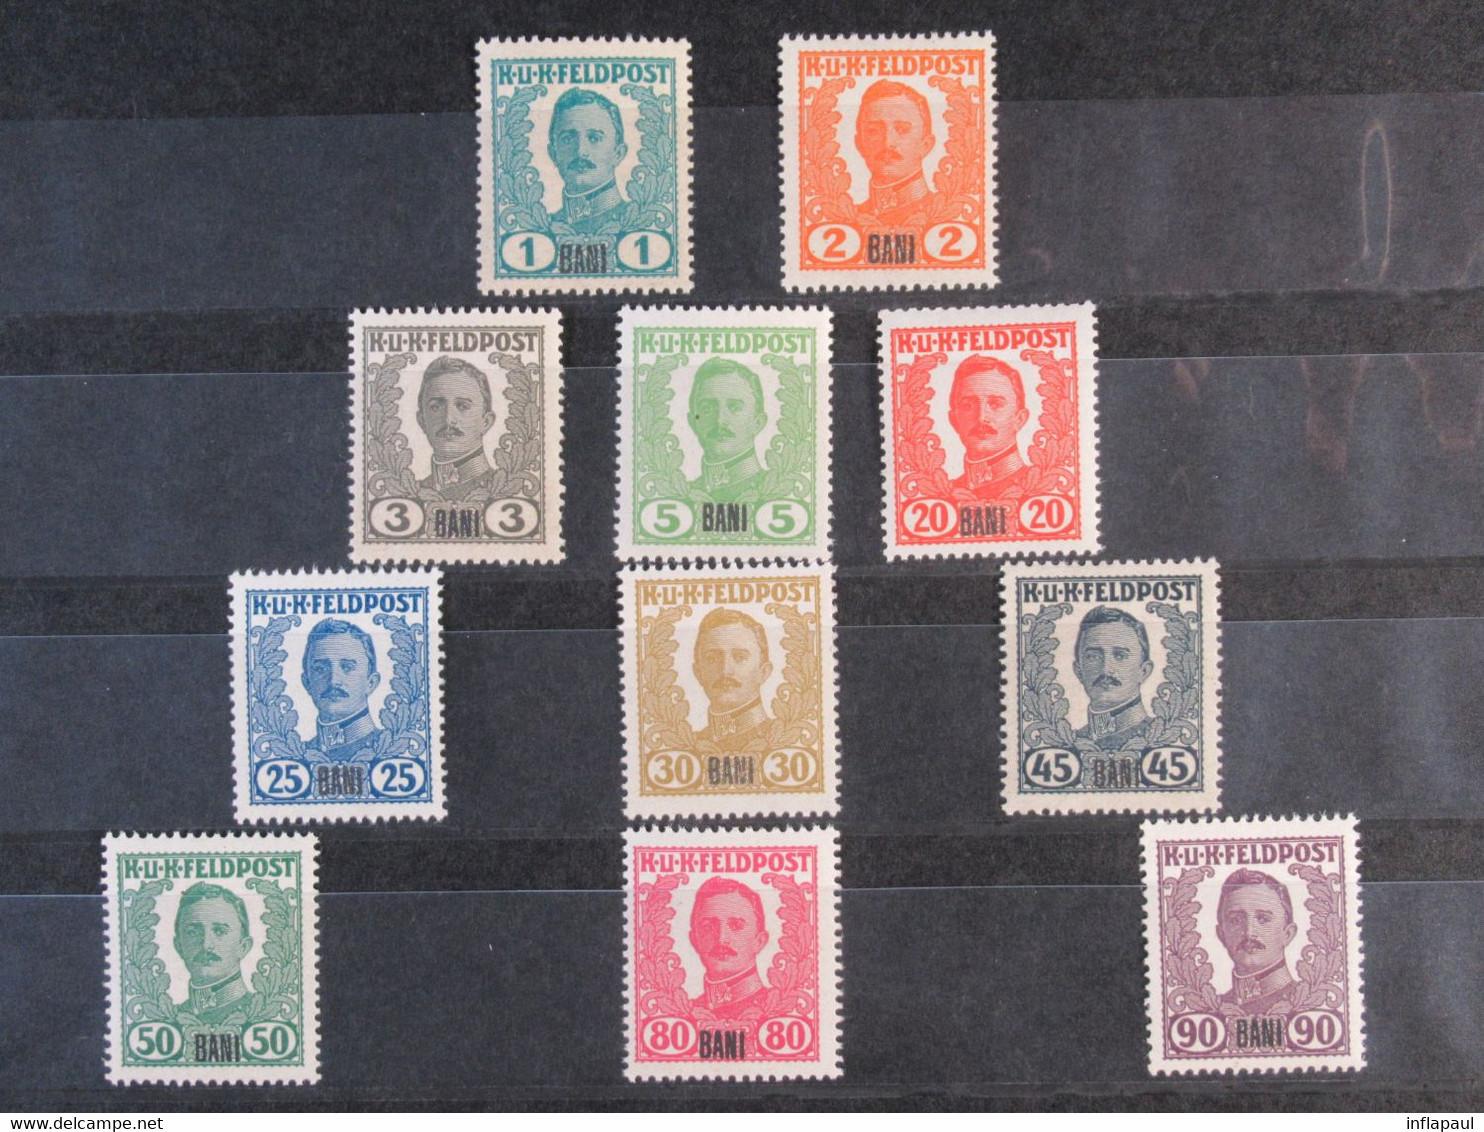 Unverausgabte Österreichische-ungarische Feldpostmarken Für Rumänien ,Teilserie **/MNH Ex I/XIII O. Nr.V U. XI 1700,00 M - Neufs